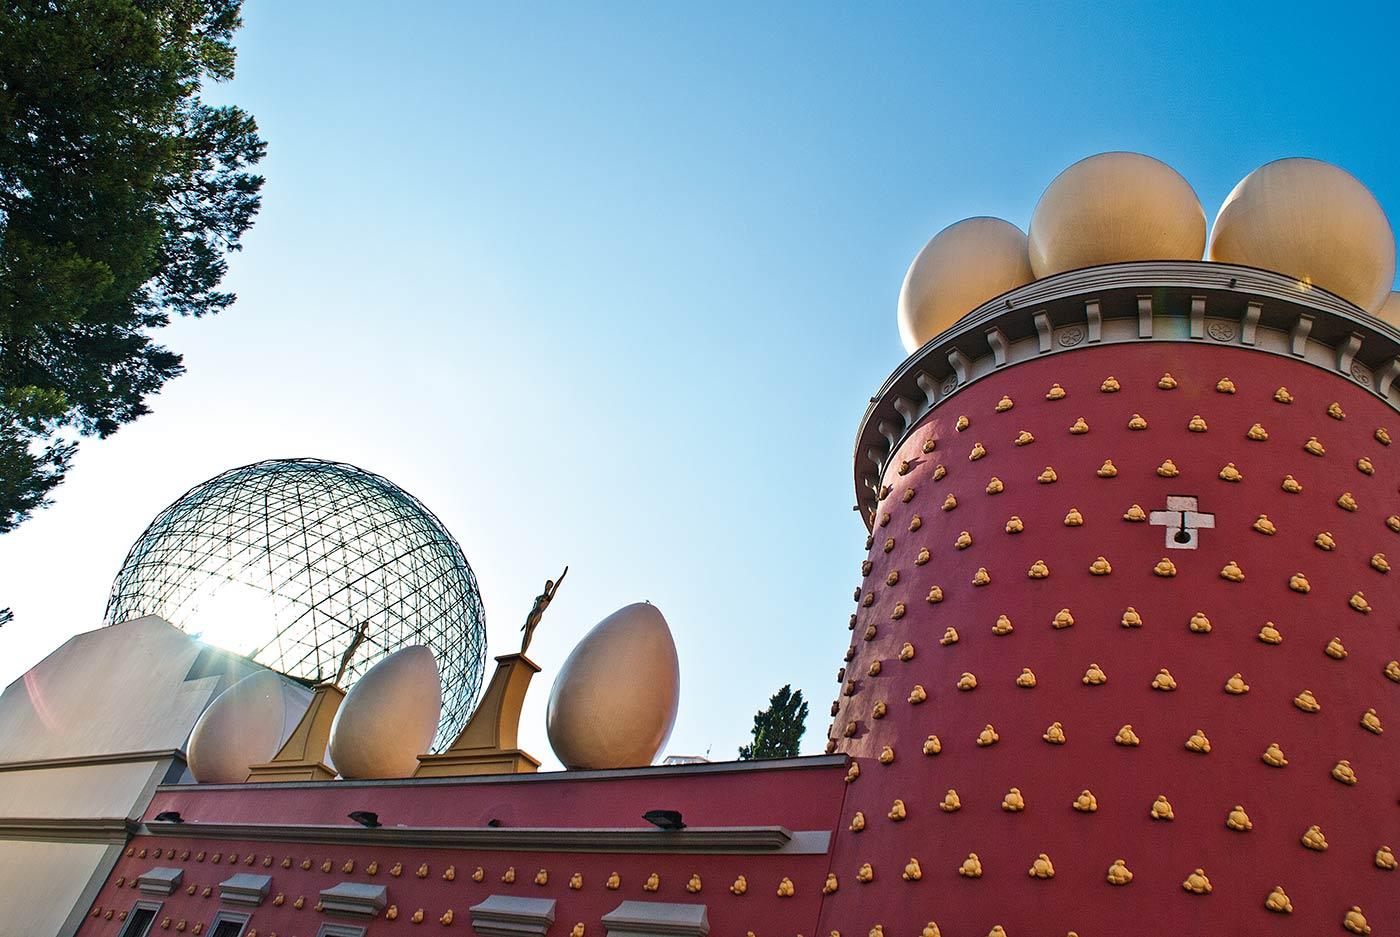 Cataluña, Costa Brava, Salvador Dalí, el gran triángulo daliano, Figueres, Gala, teatro-museo, surrealismo